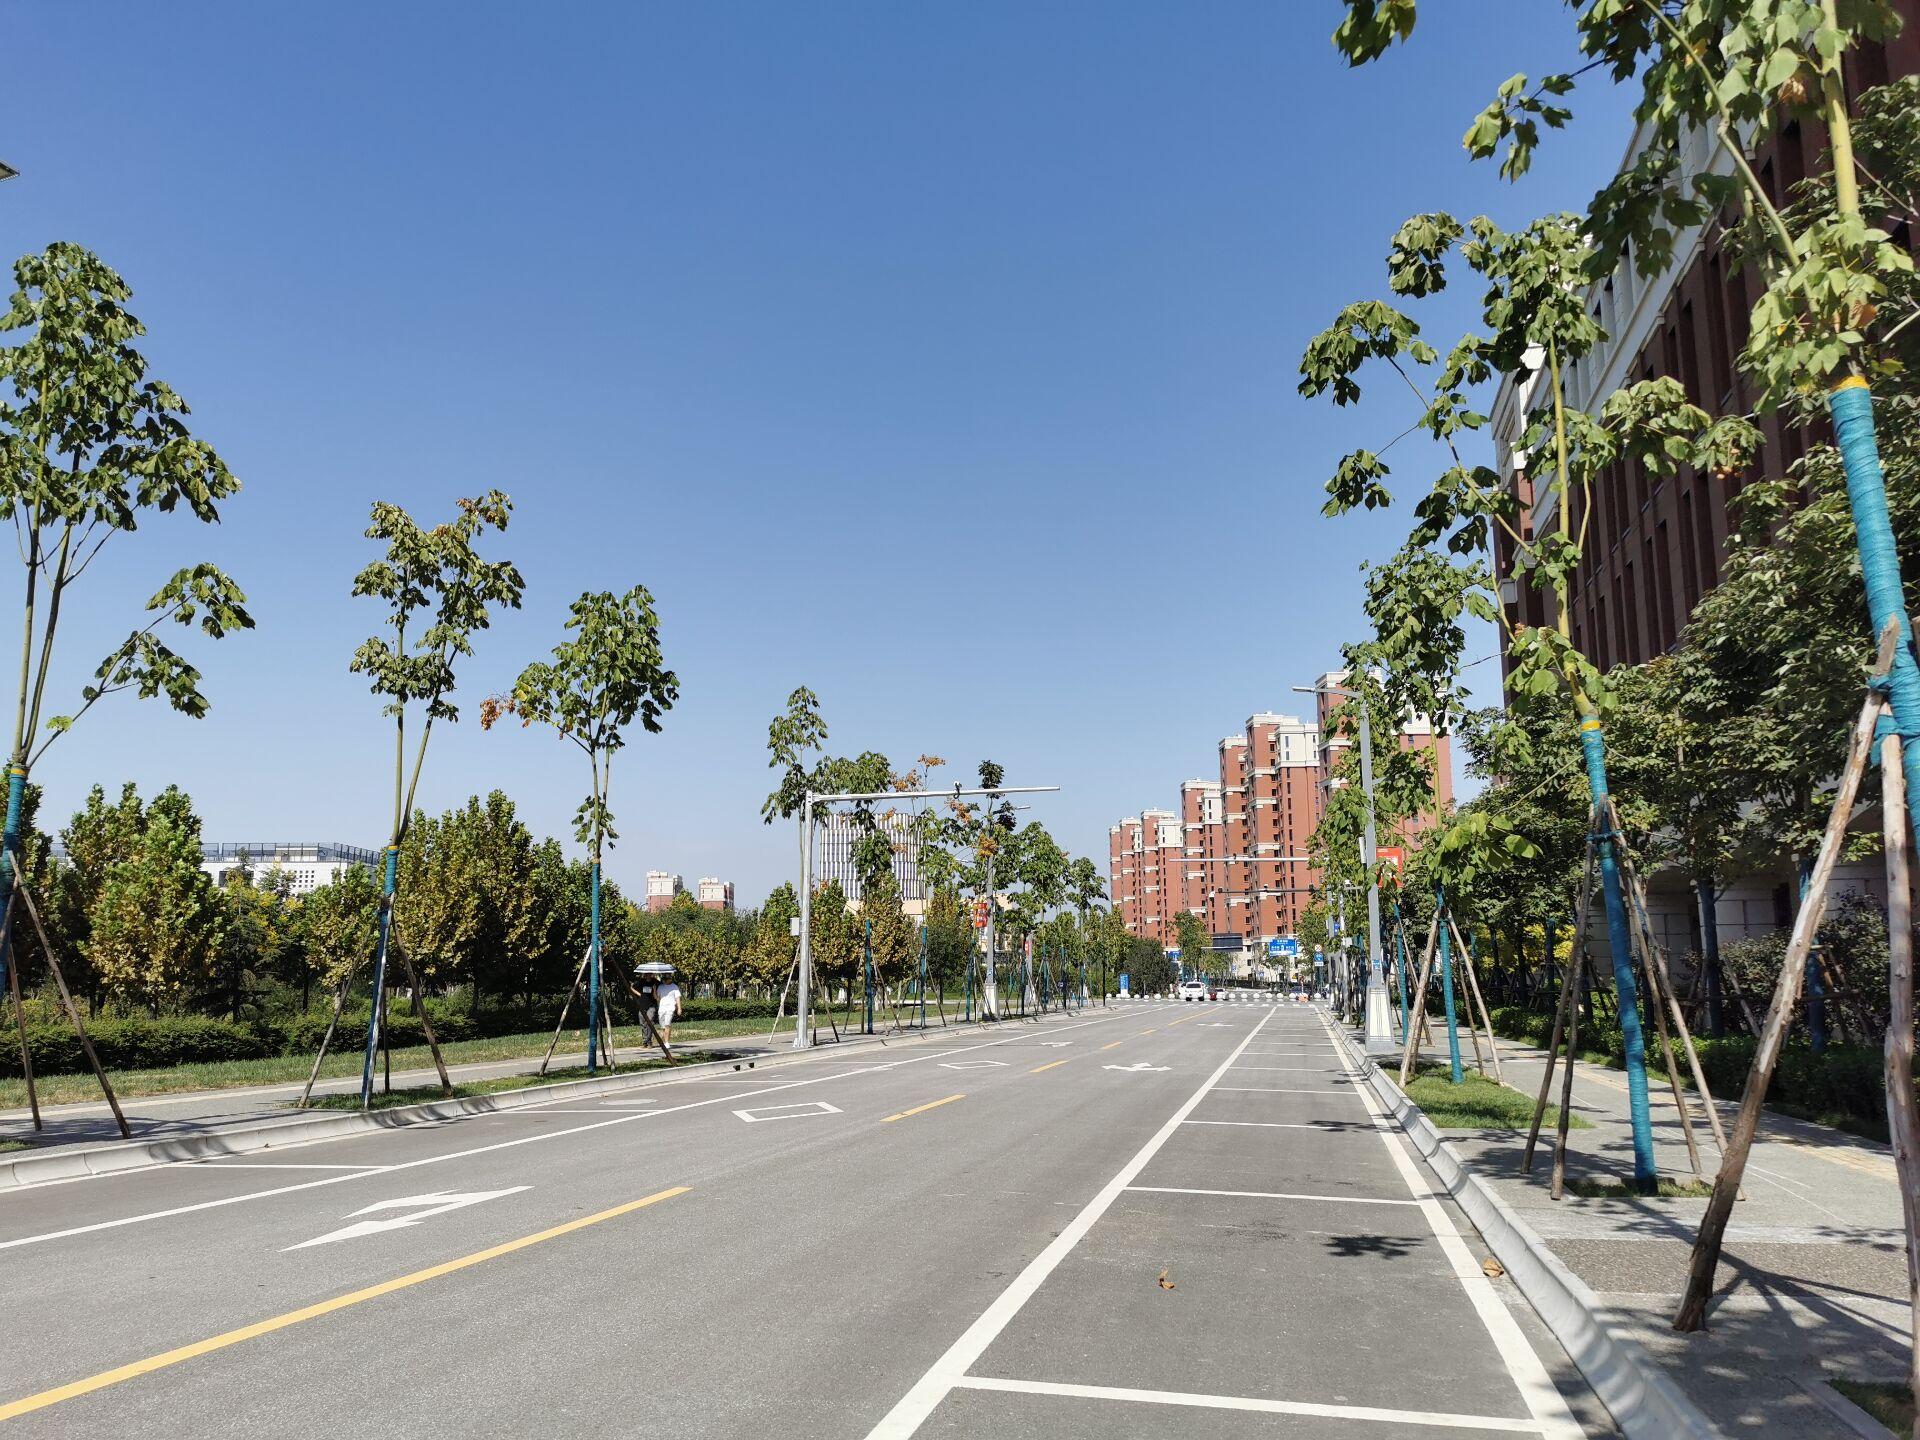 西安交通大学创新港校区一隅8.jpg